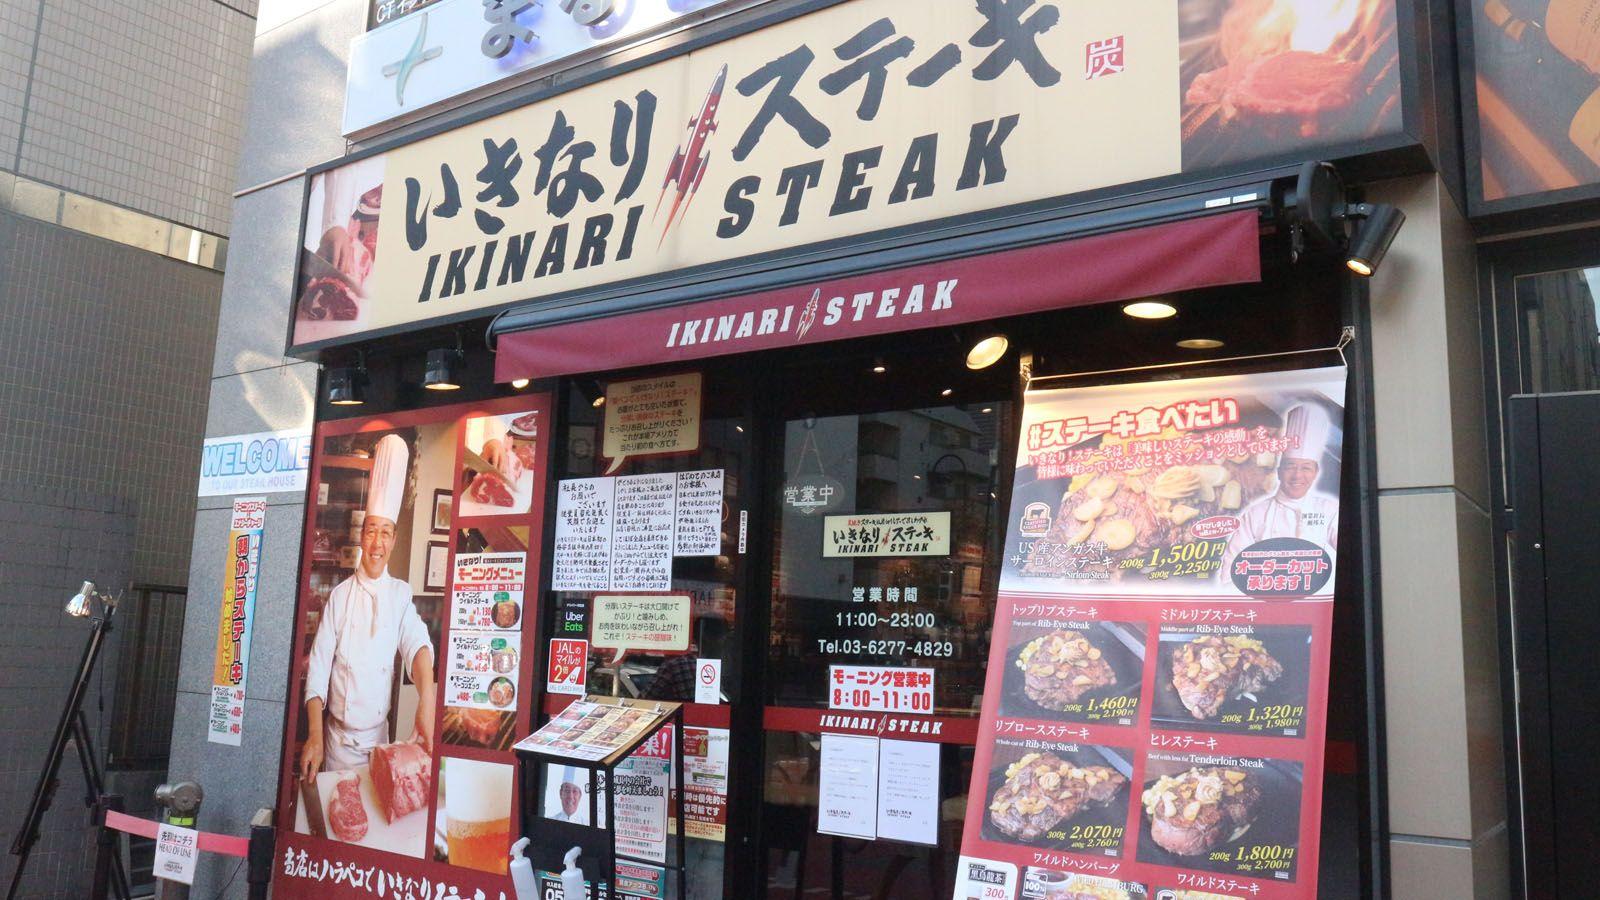 いきなり ステーキ 倒産